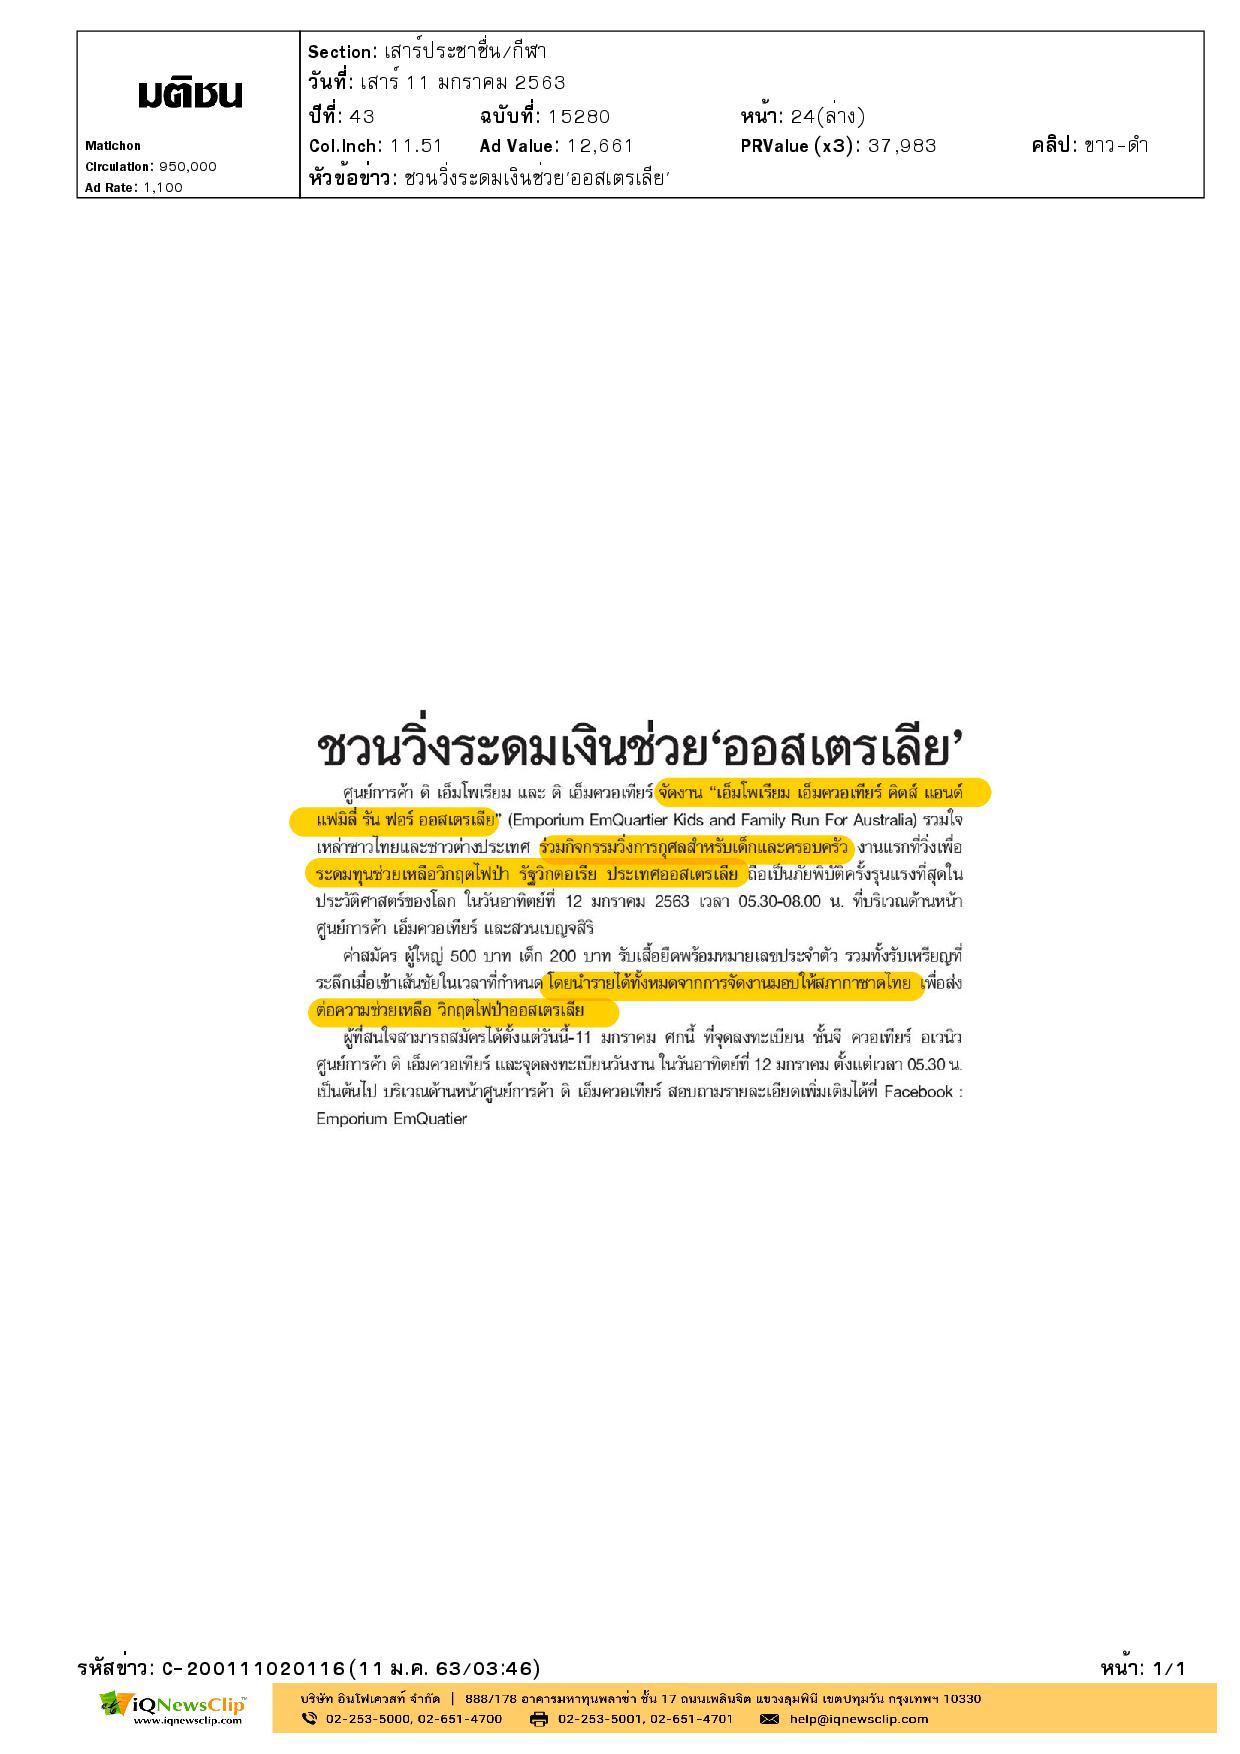 วิ่งการกุศล รายได้มอบให้สภากาชาดไทย เพื่อส่งต่อความช่วยเหลือวิกฤติไฟป่าออสเตรเลีย